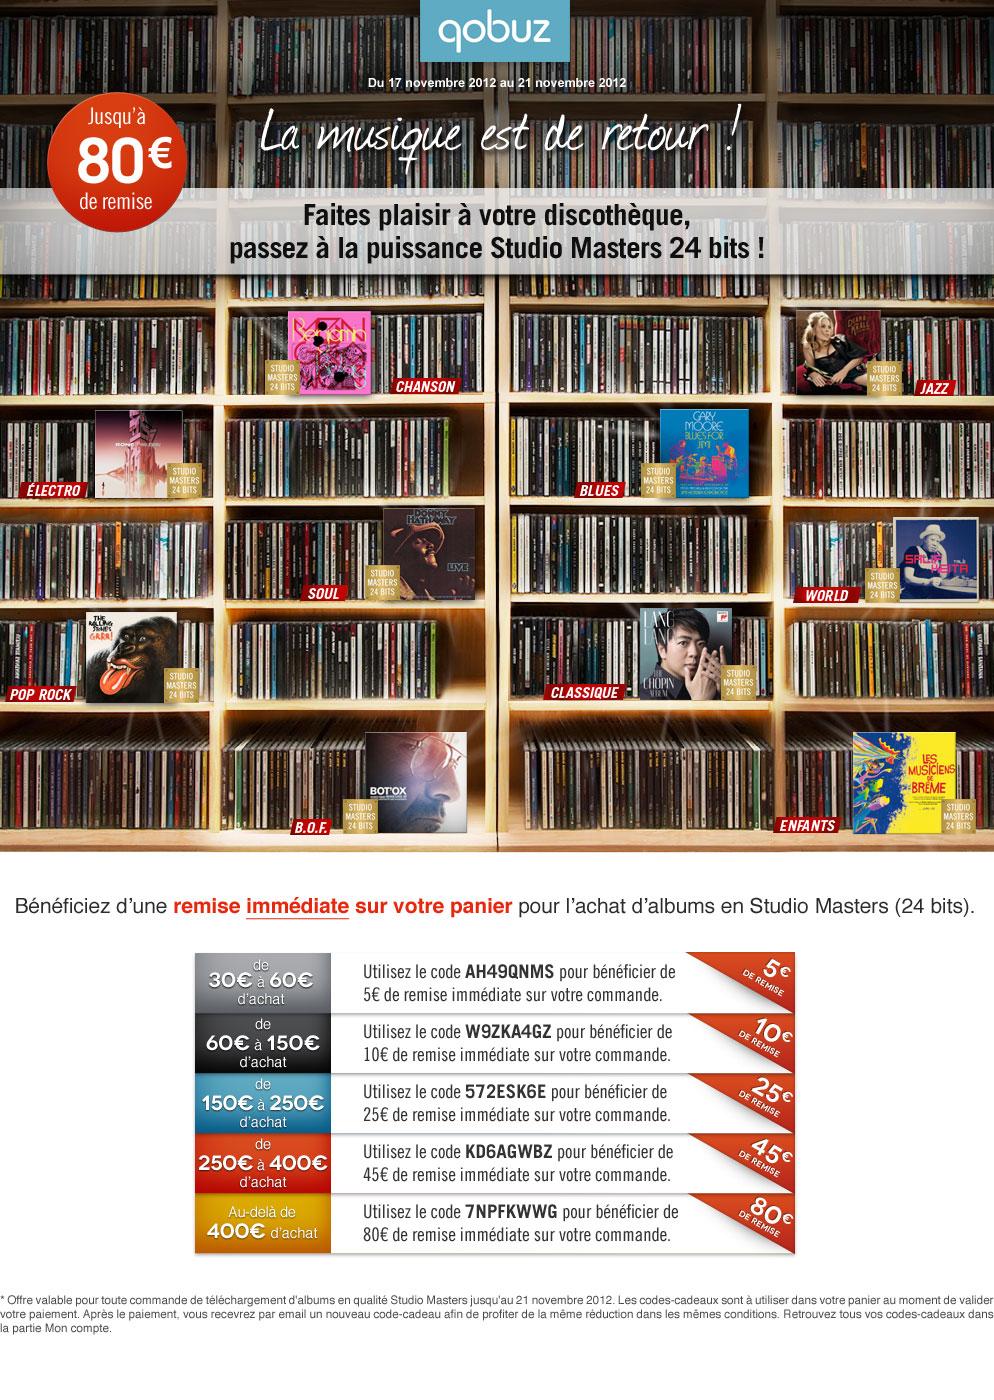 Du 17 au 21 novembre 2012 - Faites plaisir à votre discothèque, passez à la puissance Studio Masters 24 bits ! Jusqu'à 80€ de remise